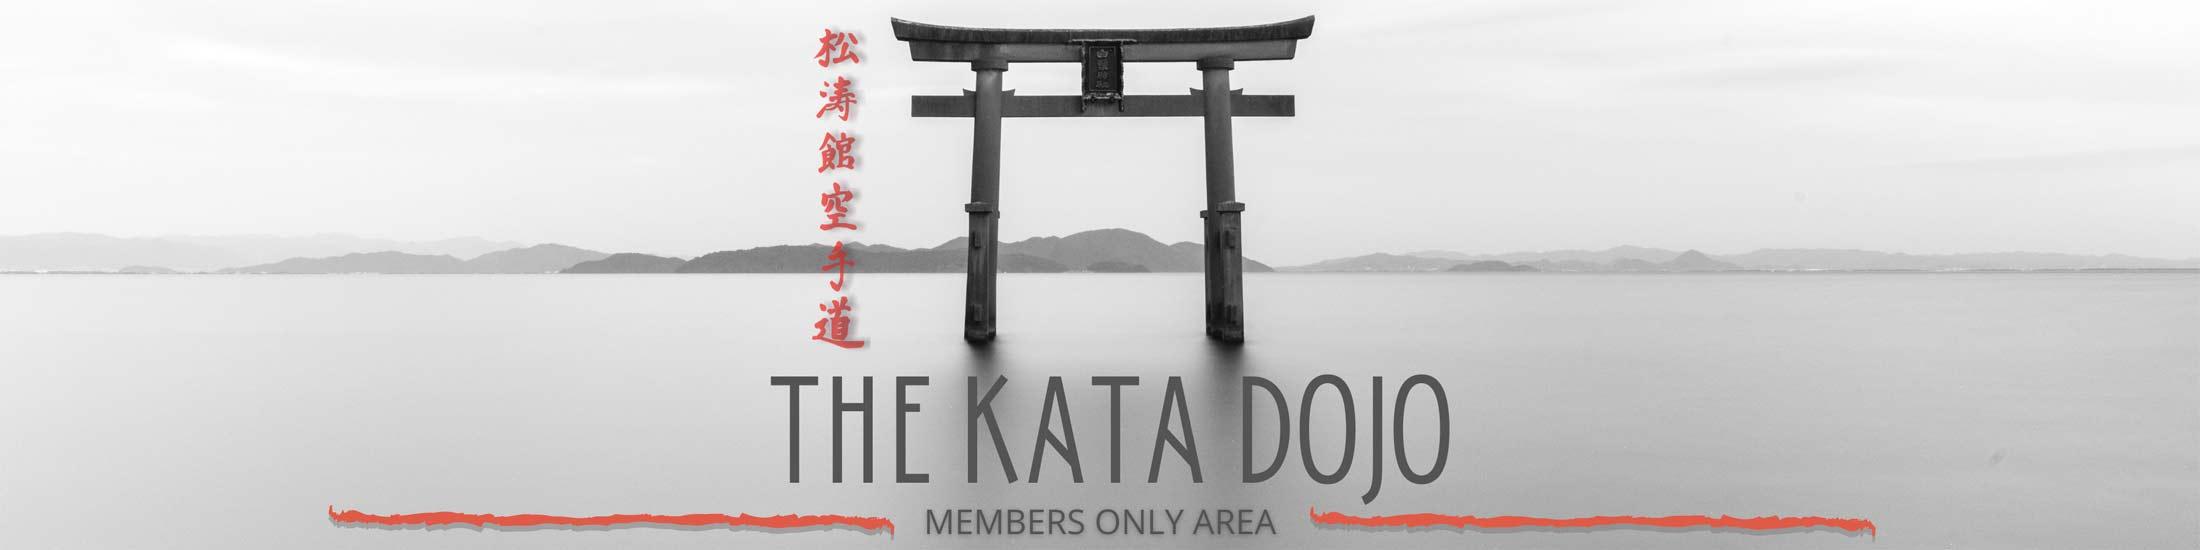 the kata dojo